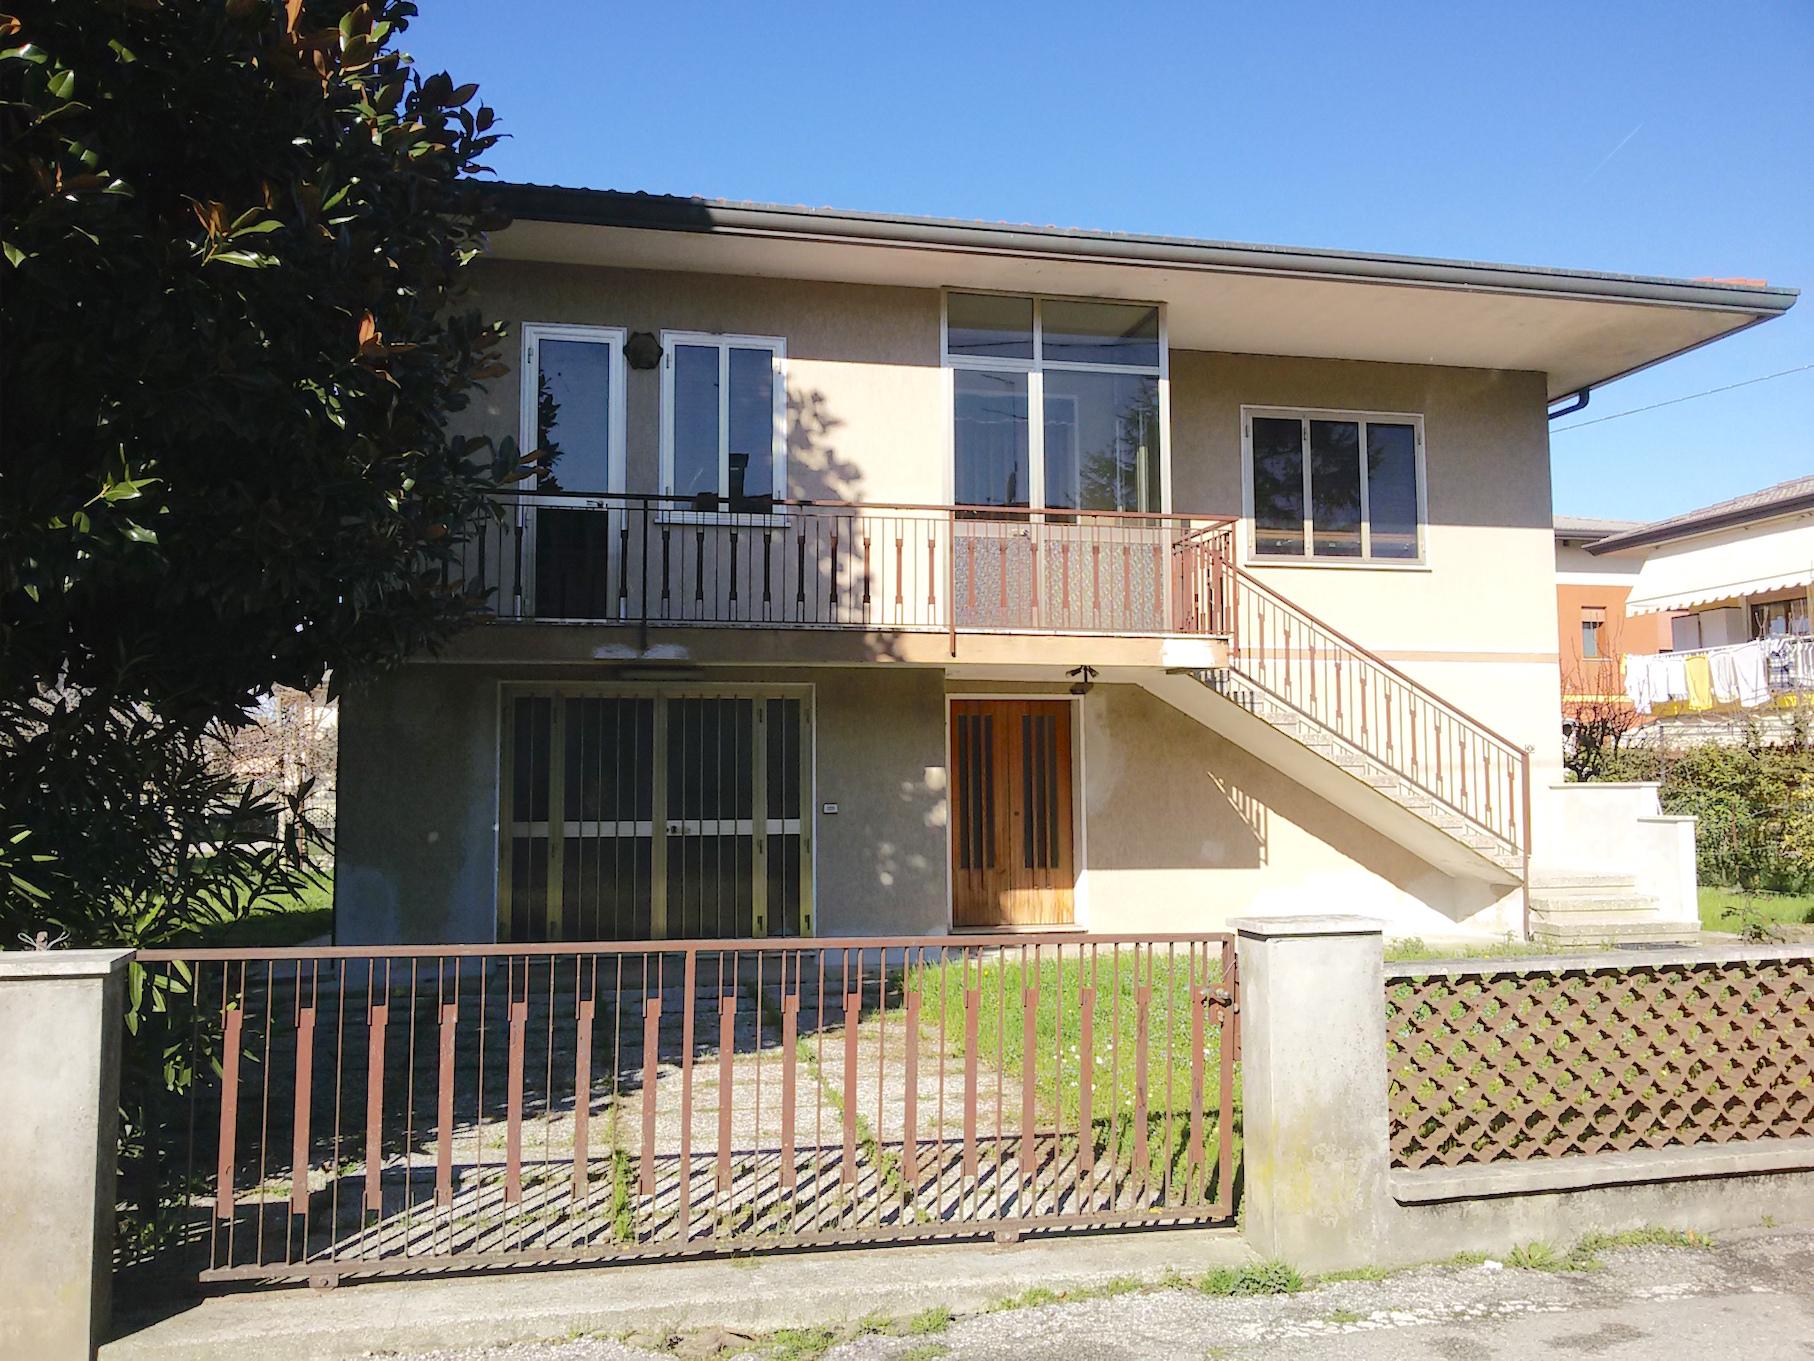 Immobile agenzia spazio casa salgareda treviso - Agenzia immobiliare spazio casa ...